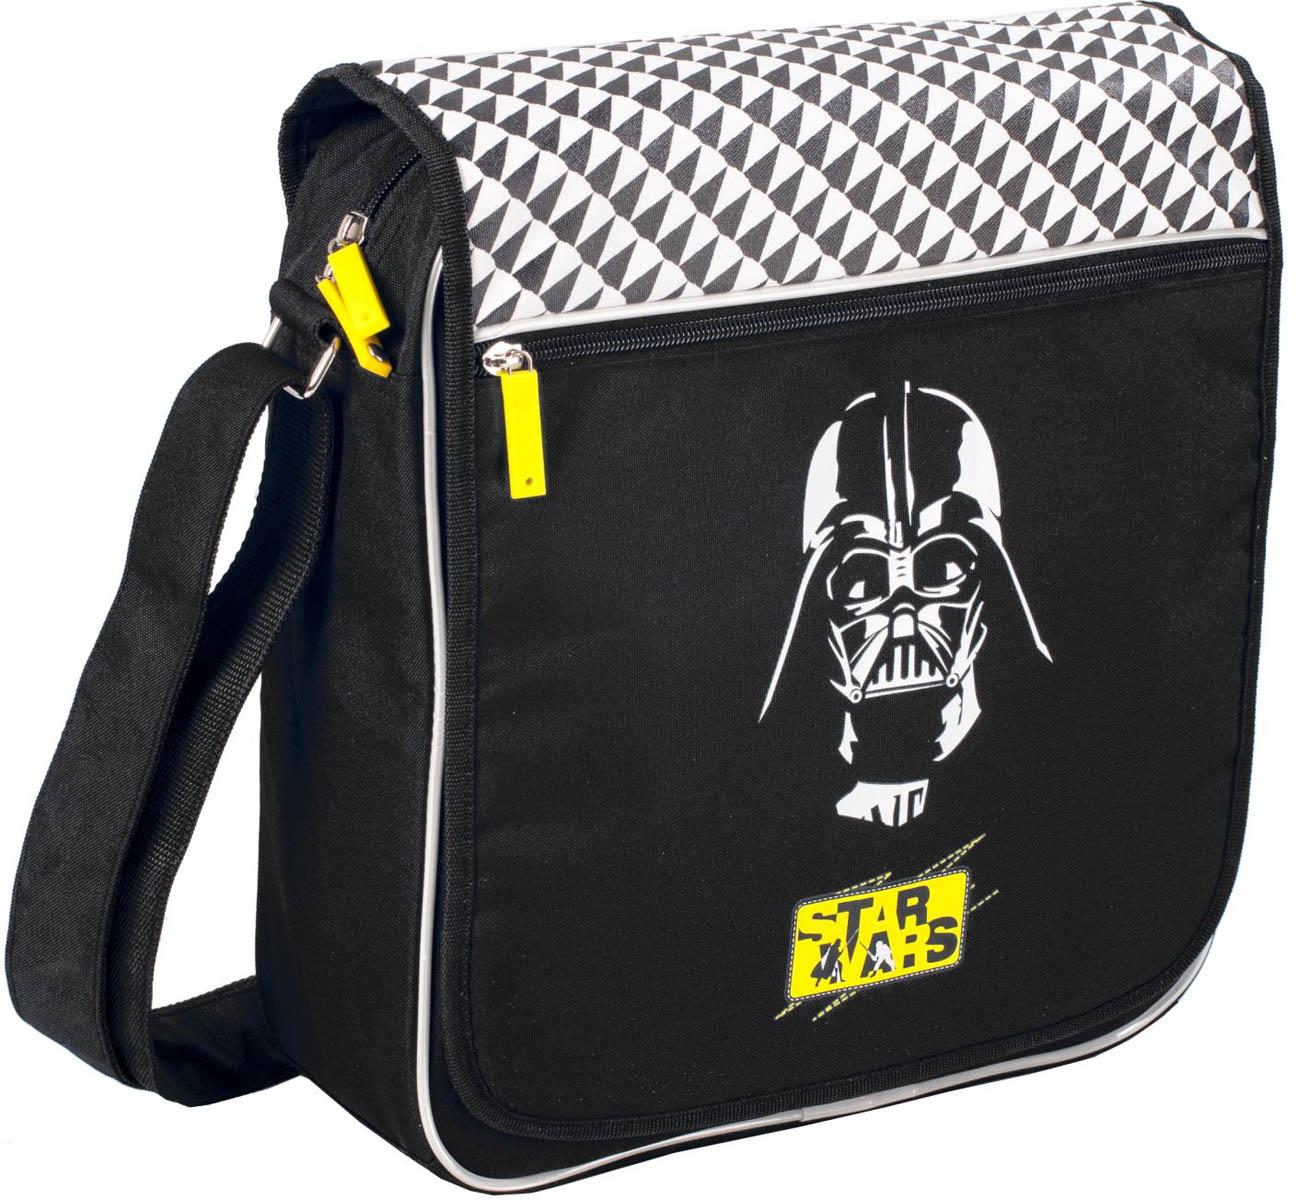 Erich Krause Сумка школьная Darth Vader39272Школьная сумка имеет прямоугольную форму и удобный размер 30 х 33 см. Сумка достаточно вметительная.Имеется один большой основной отсек и один дополнительный. Последний располагается на своего рода «крышке» сумки и застегивается с помощью замка-молнии. Удобный регулируемый ремень для переноски позволяет носить сумку на плече или через плечо . Изготовлена из современного материала высоко качества, не содержащего в своем составе вредных или опасных для здоровья ребенка веществ.